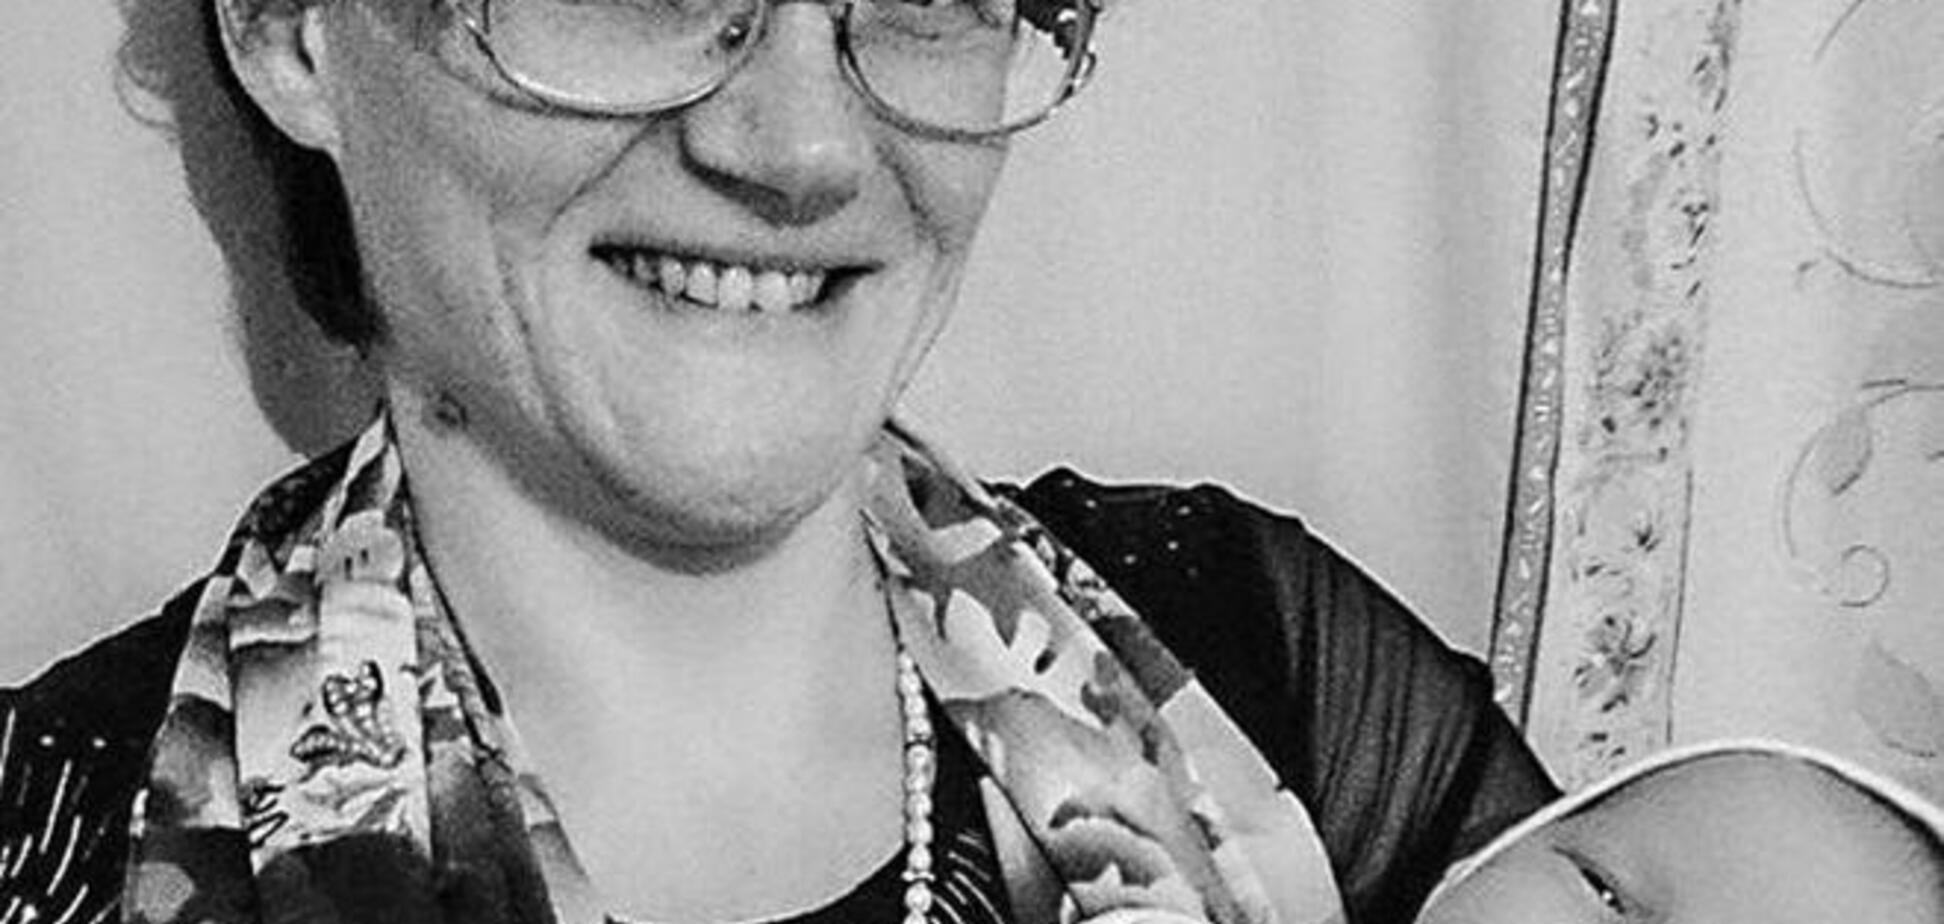 В России обвиненную в госизмене мать 7 детей оставили без пособия. Причина: 'прохлаждалась в тюрьме'